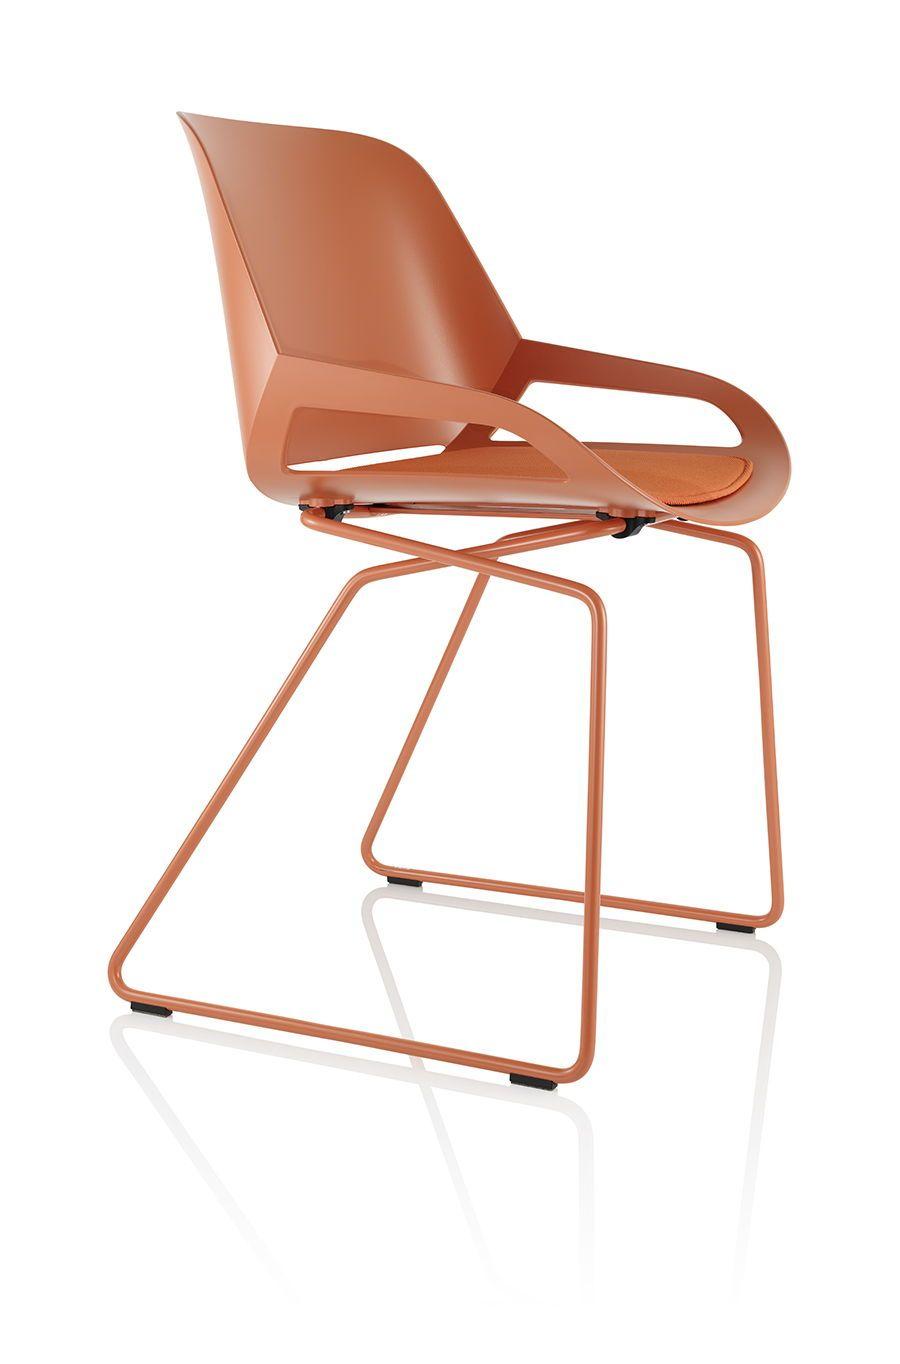 Numo In Der Farbe Coral Im Klassischen Design Er Bringt Farbe In Jedes Buro Oder Home Office Burostuhl Stuhle Kinderschreibtischstuhl